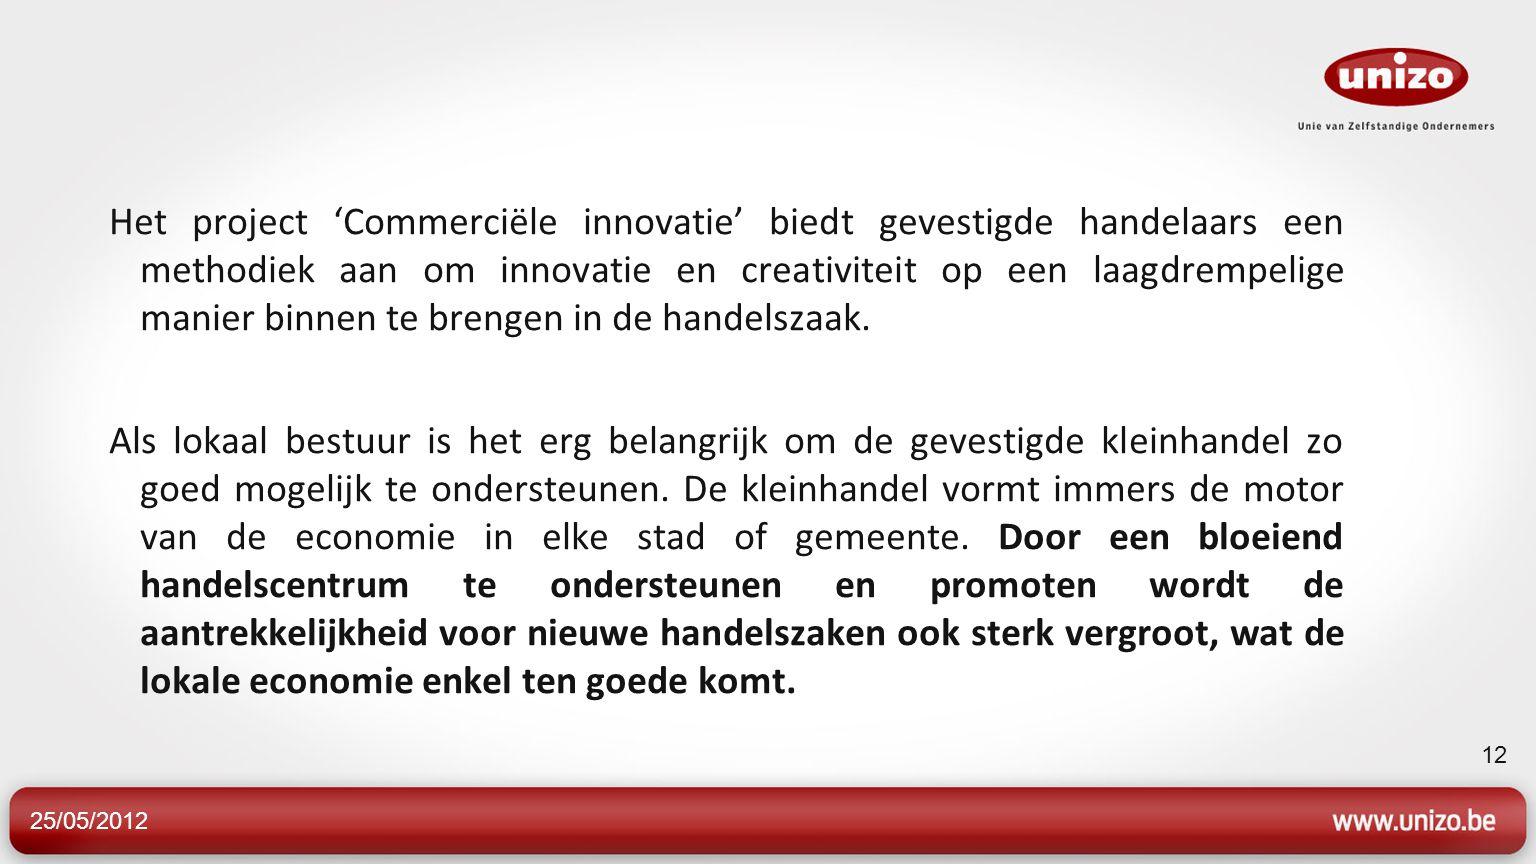 Het project 'Commerciële innovatie' biedt gevestigde handelaars een methodiek aan om innovatie en creativiteit op een laagdrempelige manier binnen te brengen in de handelszaak.